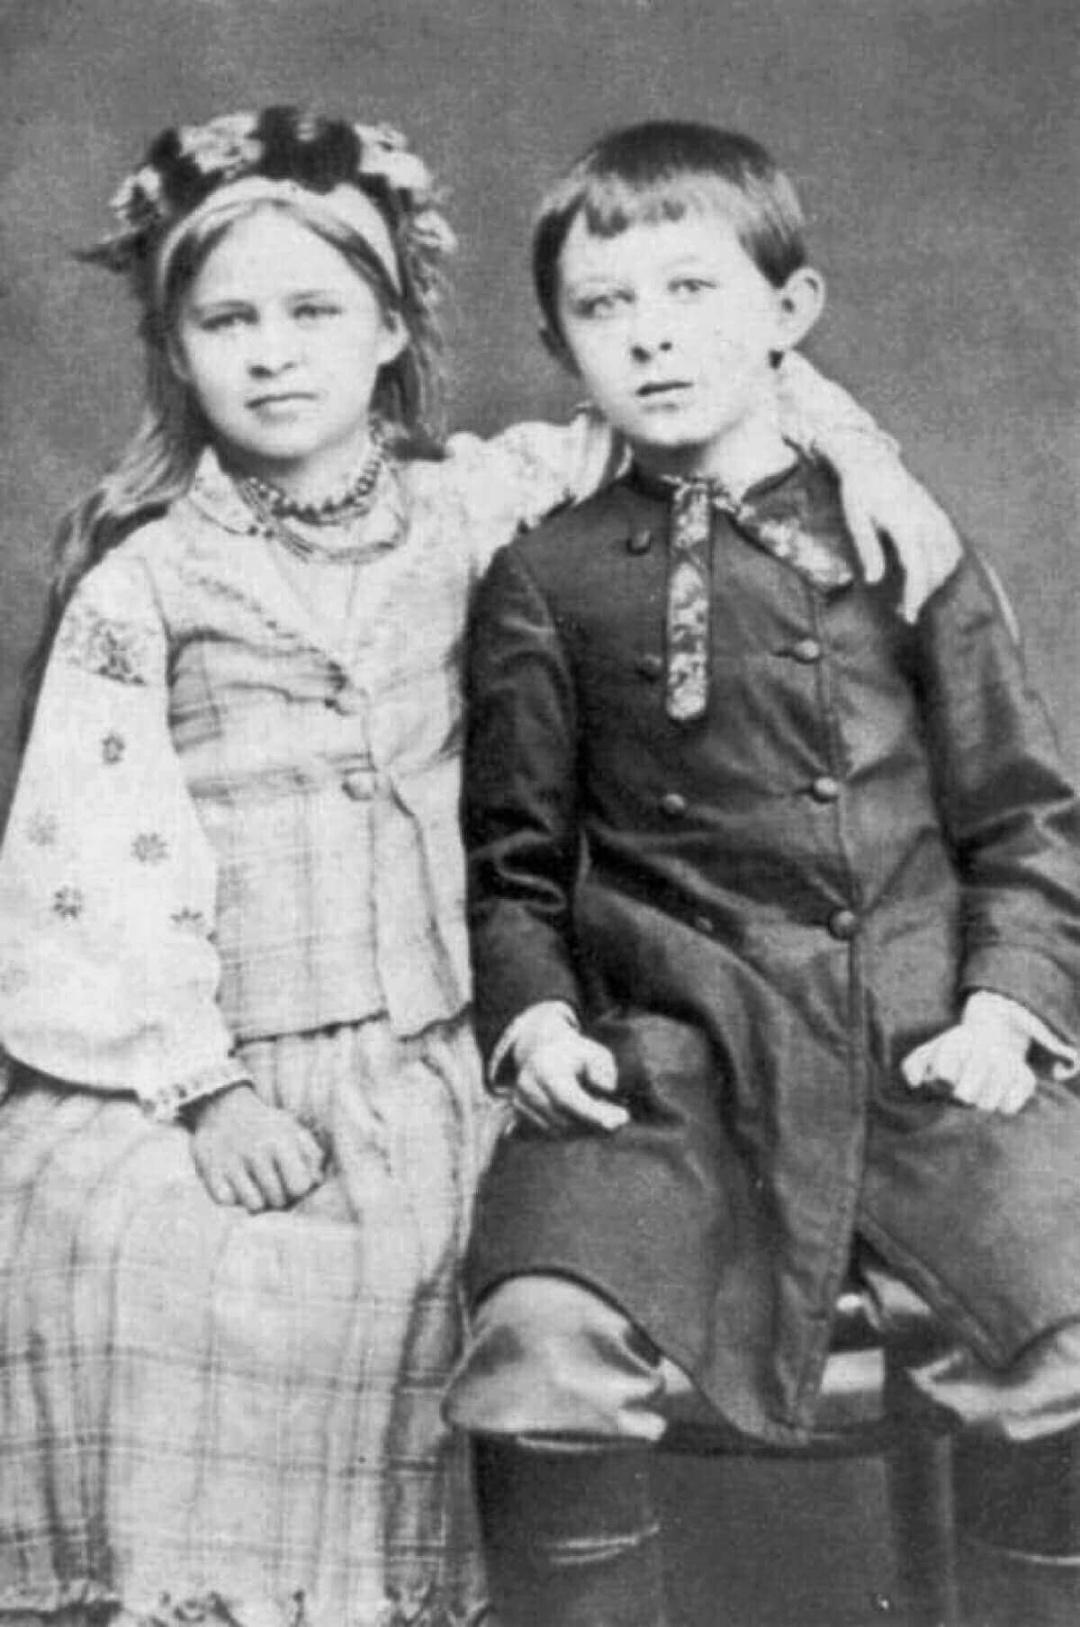 Мишолосія, як ніжно рідні називали брата і сетру - Михайлика та Лесю, що були просто нерозлийвода, 1880-1881 рр. А